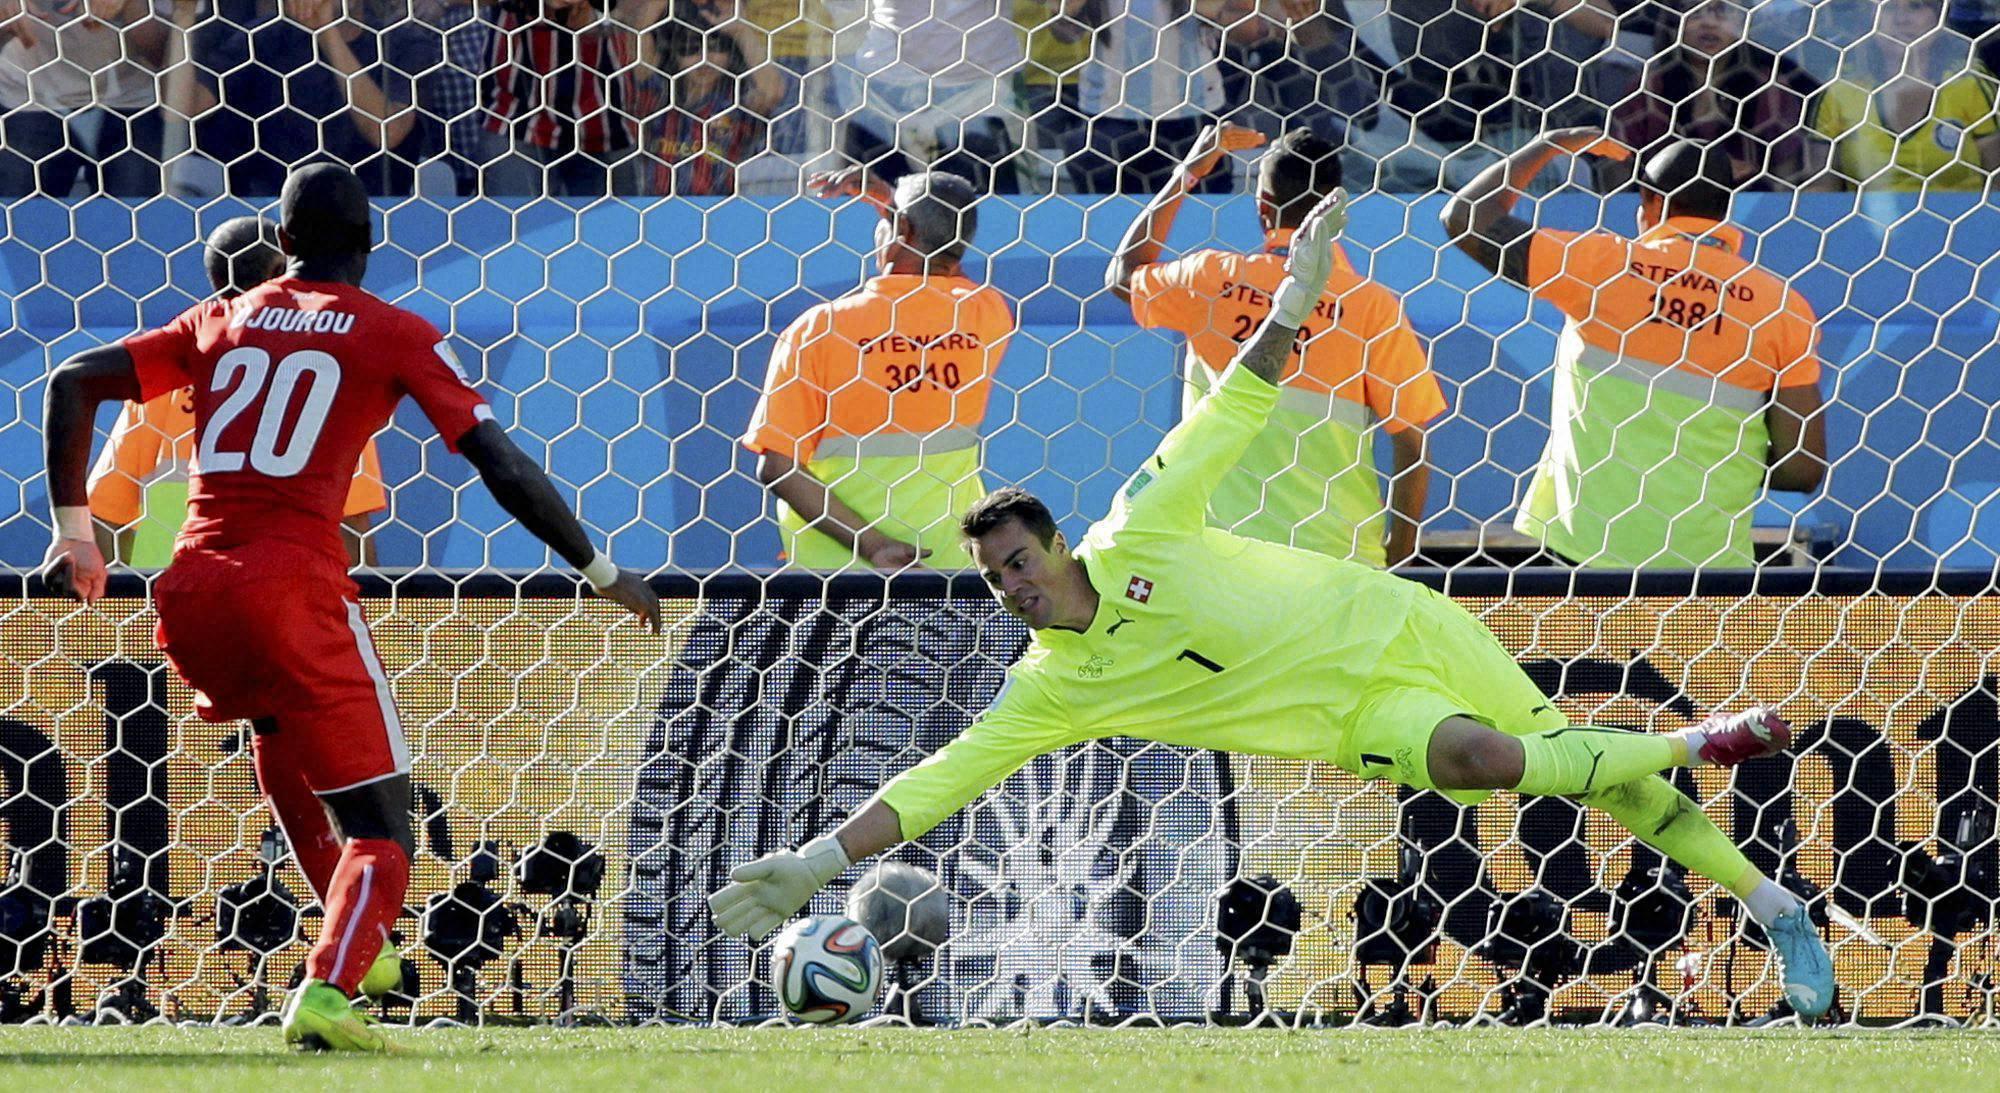 Switzerland, goalkeeper Diego Benaglio, Argentina's Angel di Maria,  Lionel Messi, Argentina, Switzerland, Itaquerao Stadium, Sao Paulo, Brazil